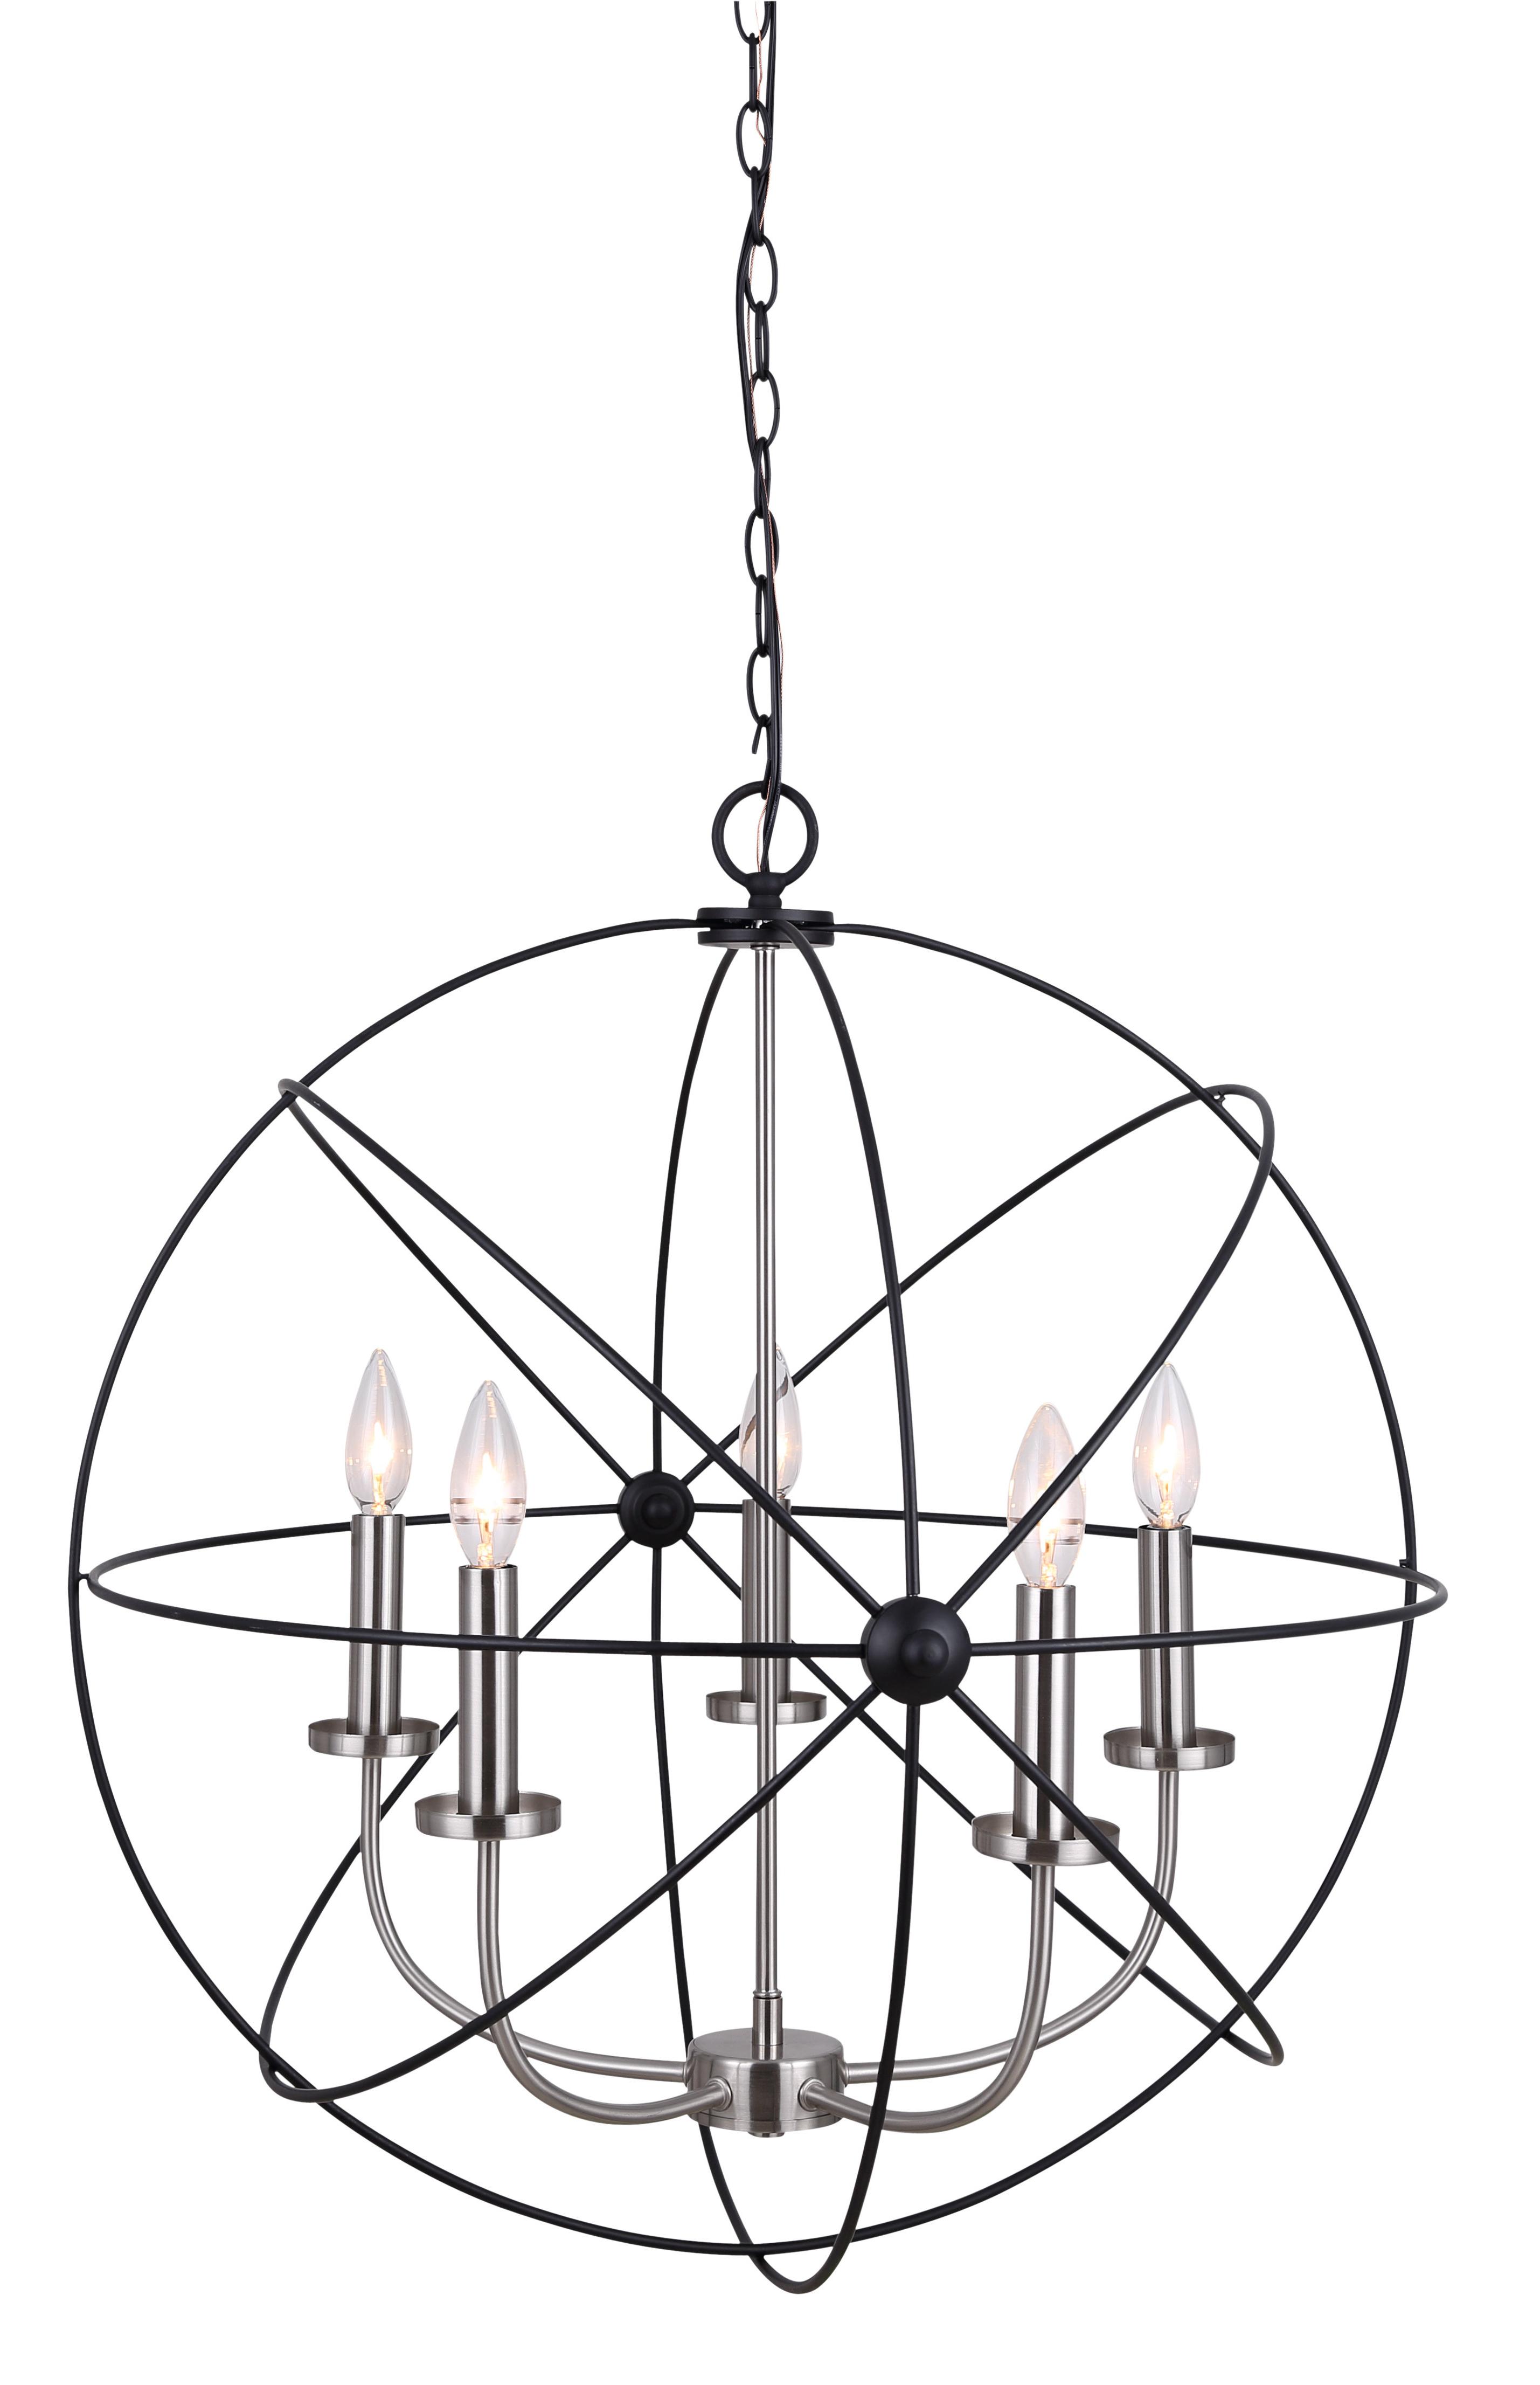 Trendy Waldron 5 Light Globe Chandeliers Regarding Ivy Bronx Waldron 5 Light Globe Chandelier (View 10 of 20)